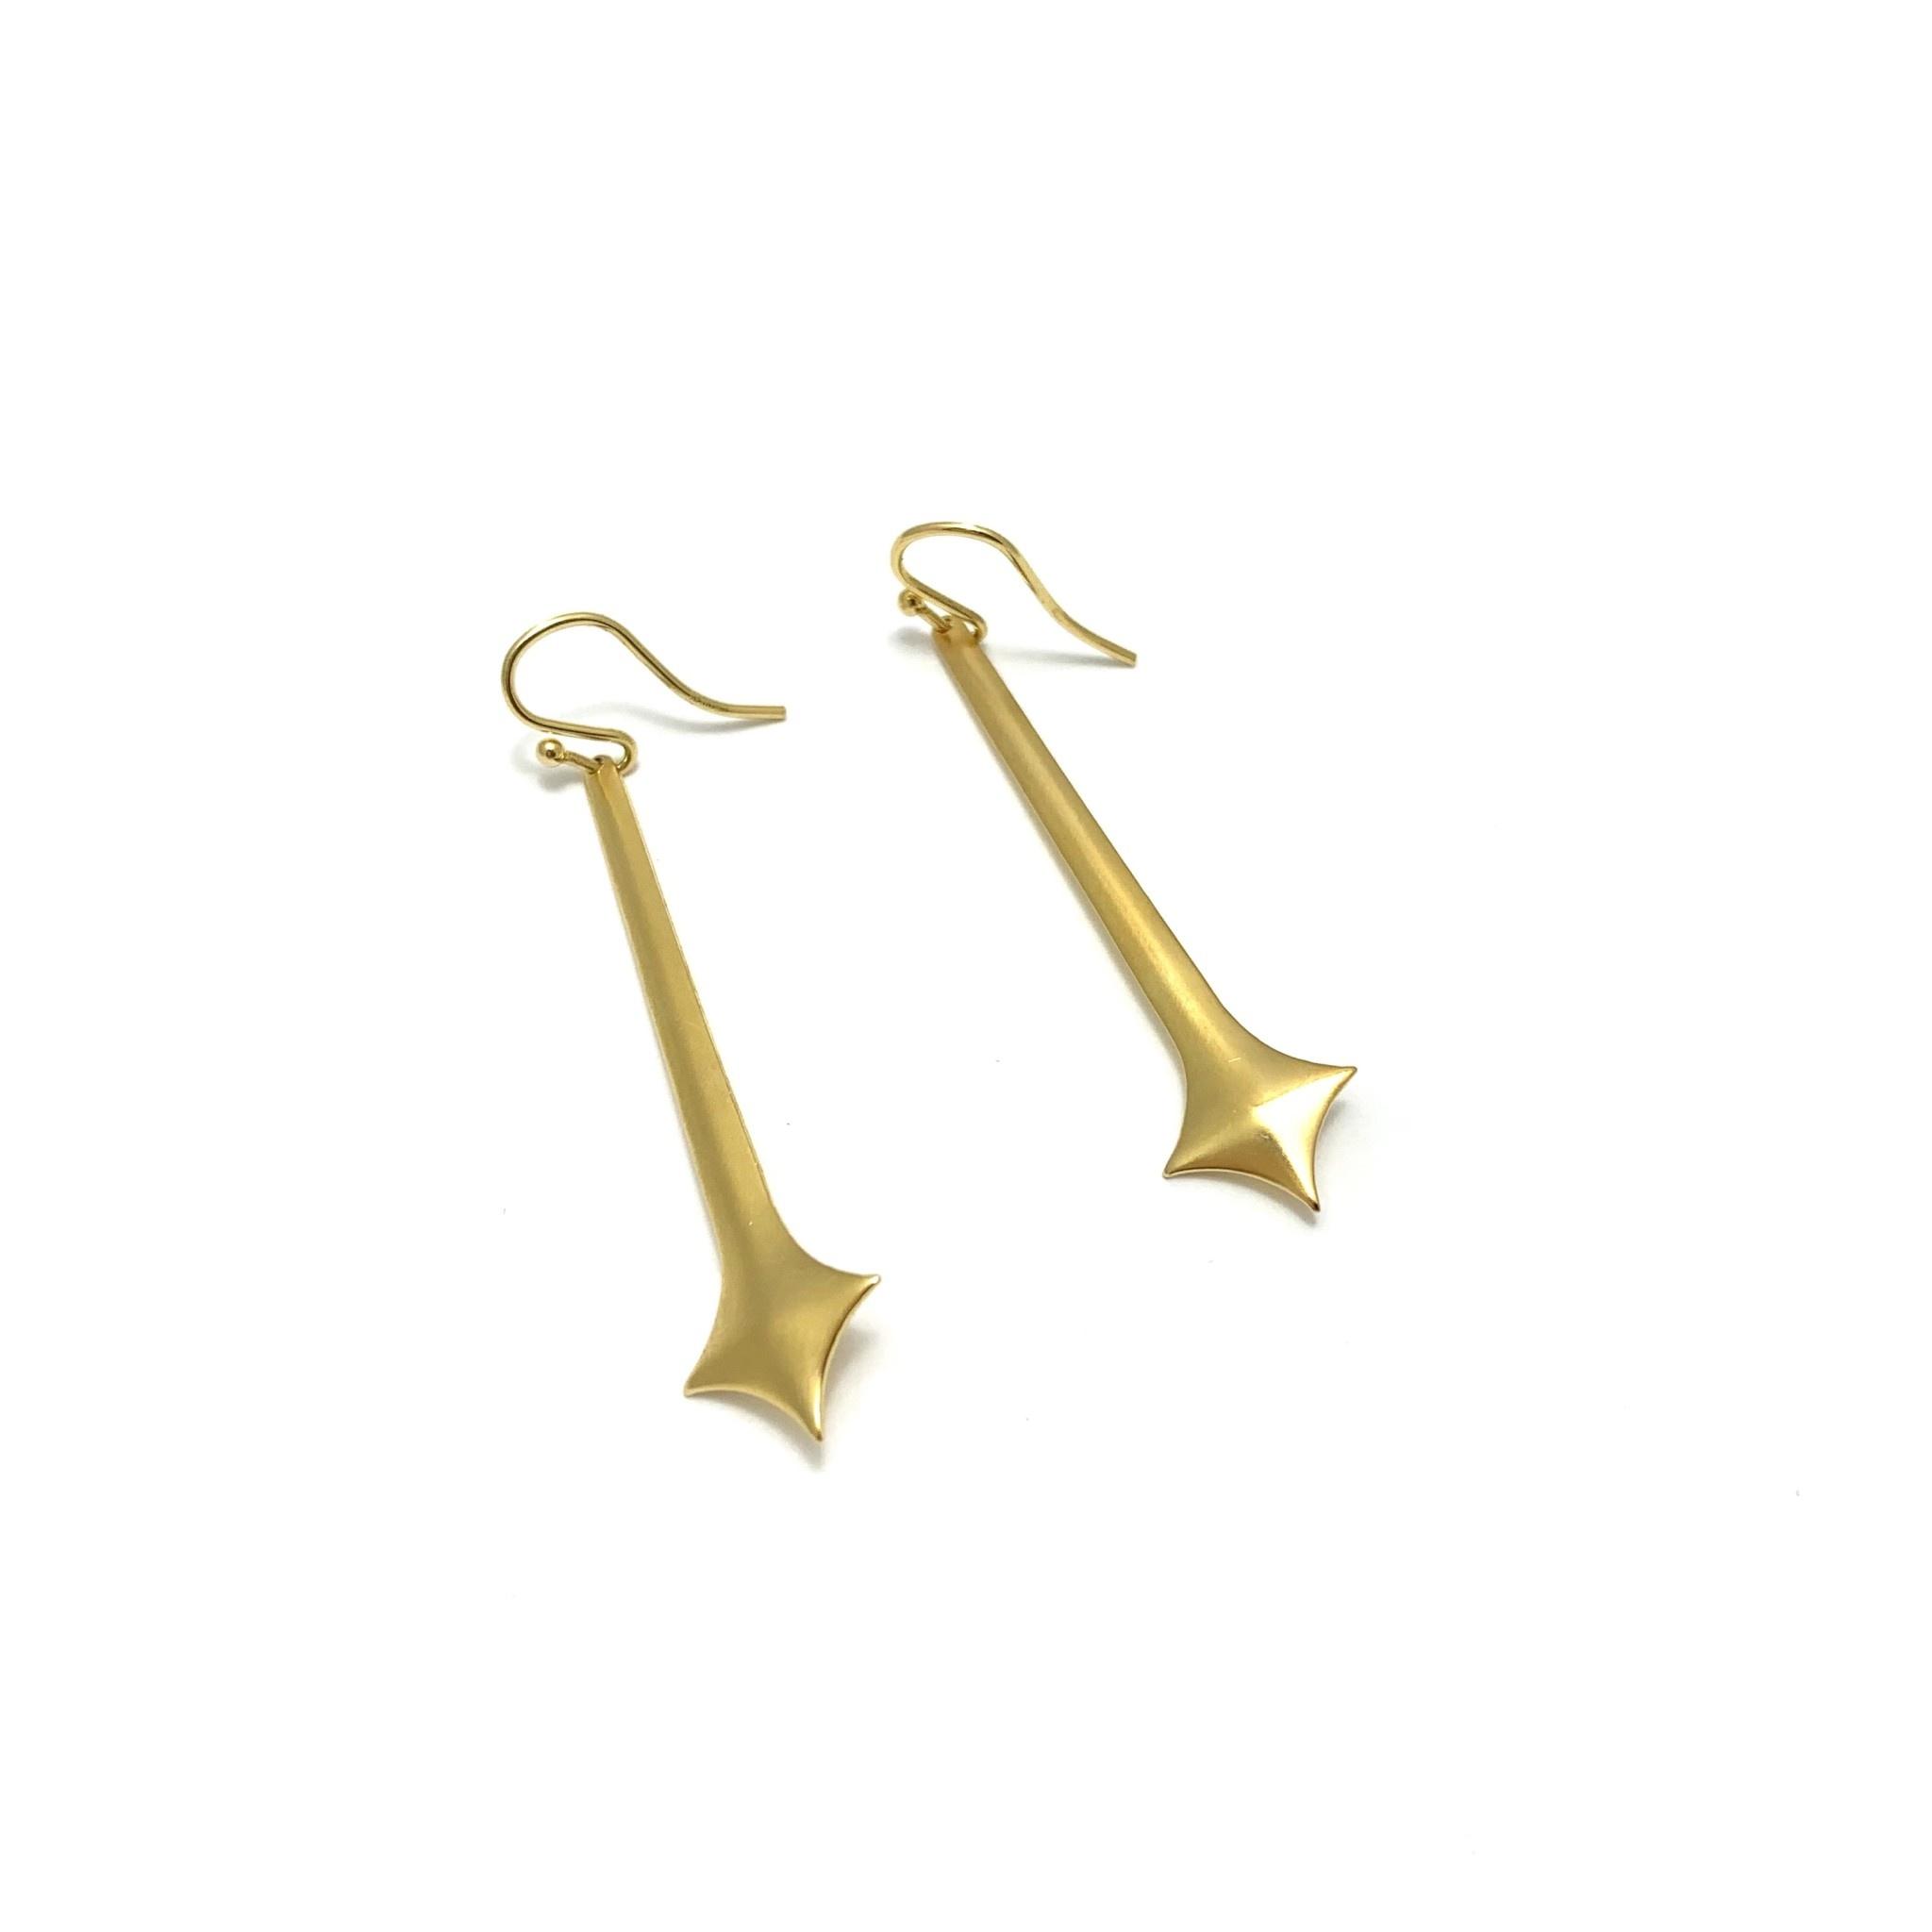 Gold Ear, elongated cross, gold plate